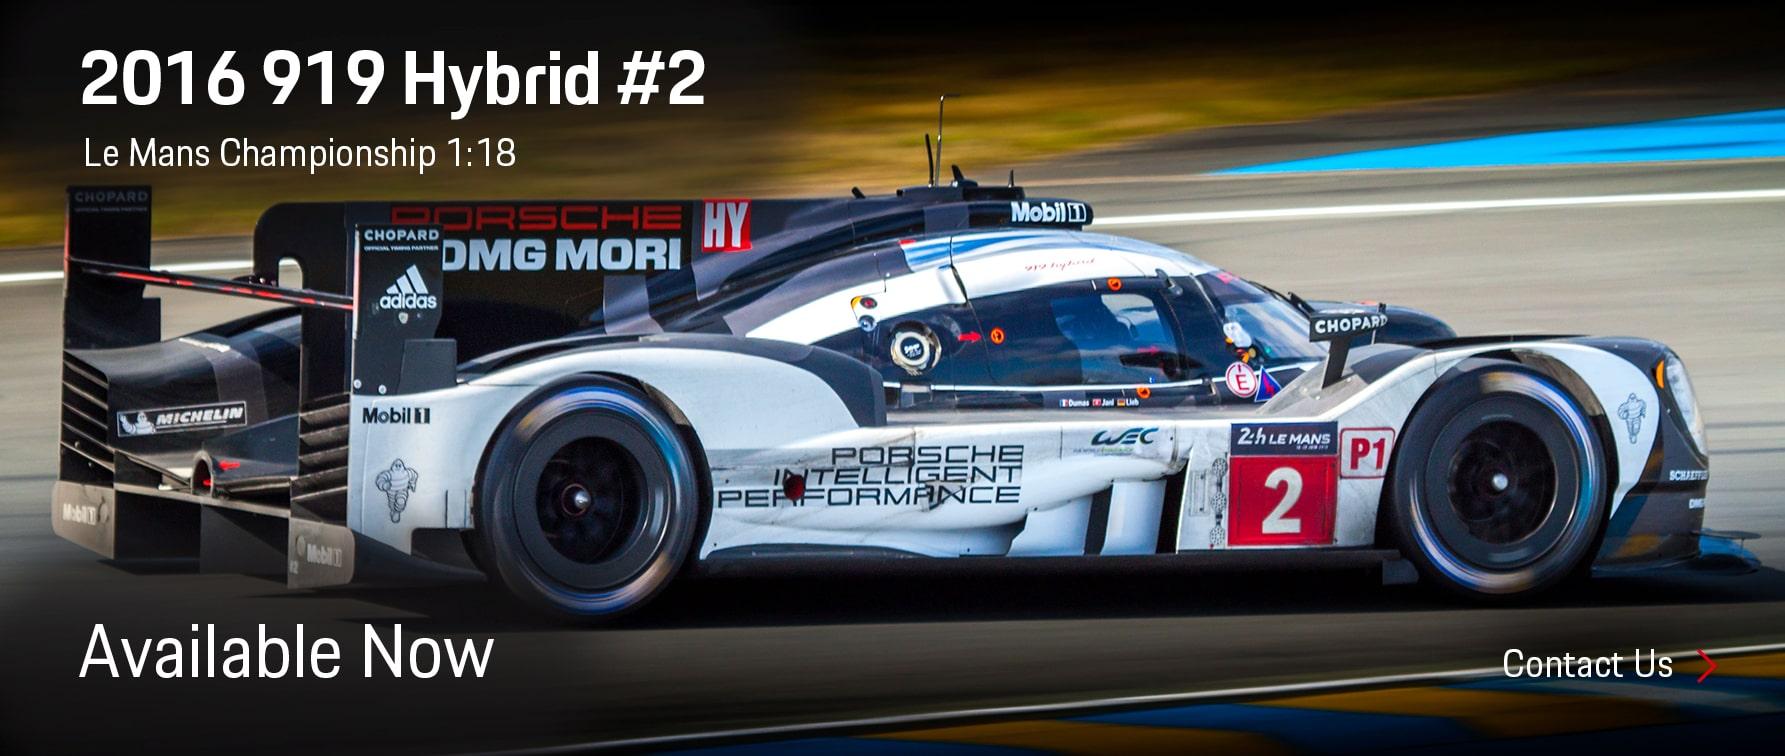 Porsche 2016 919 Hybrid #2 Le Mans Championship Model Available